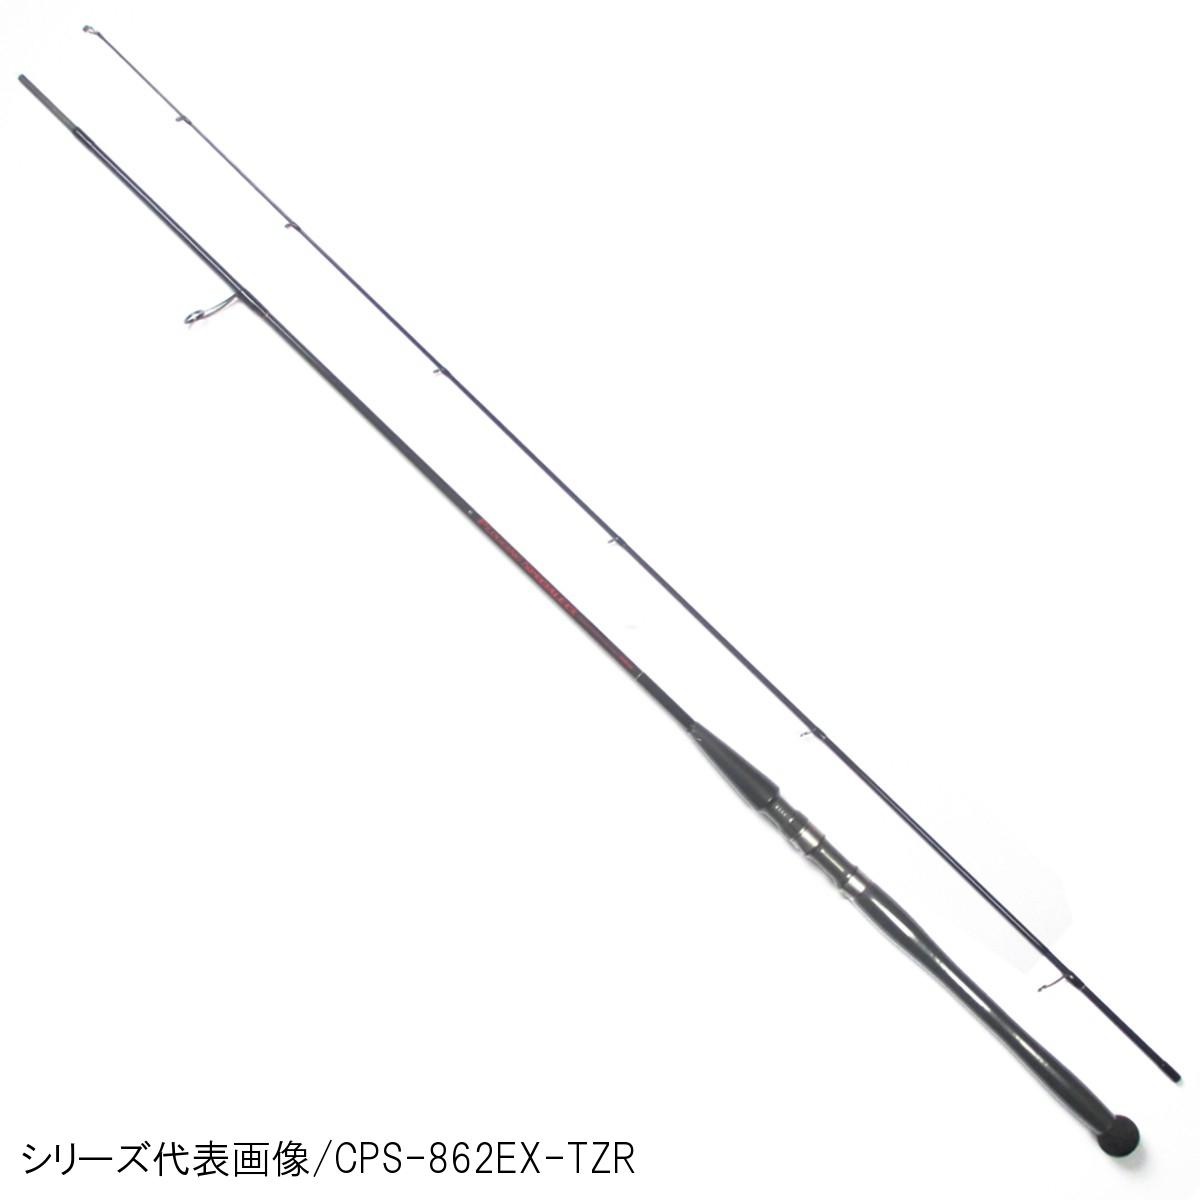 プラッキング・スペチアーレ CPS-902EX-TZR【大型商品】【送料無料】